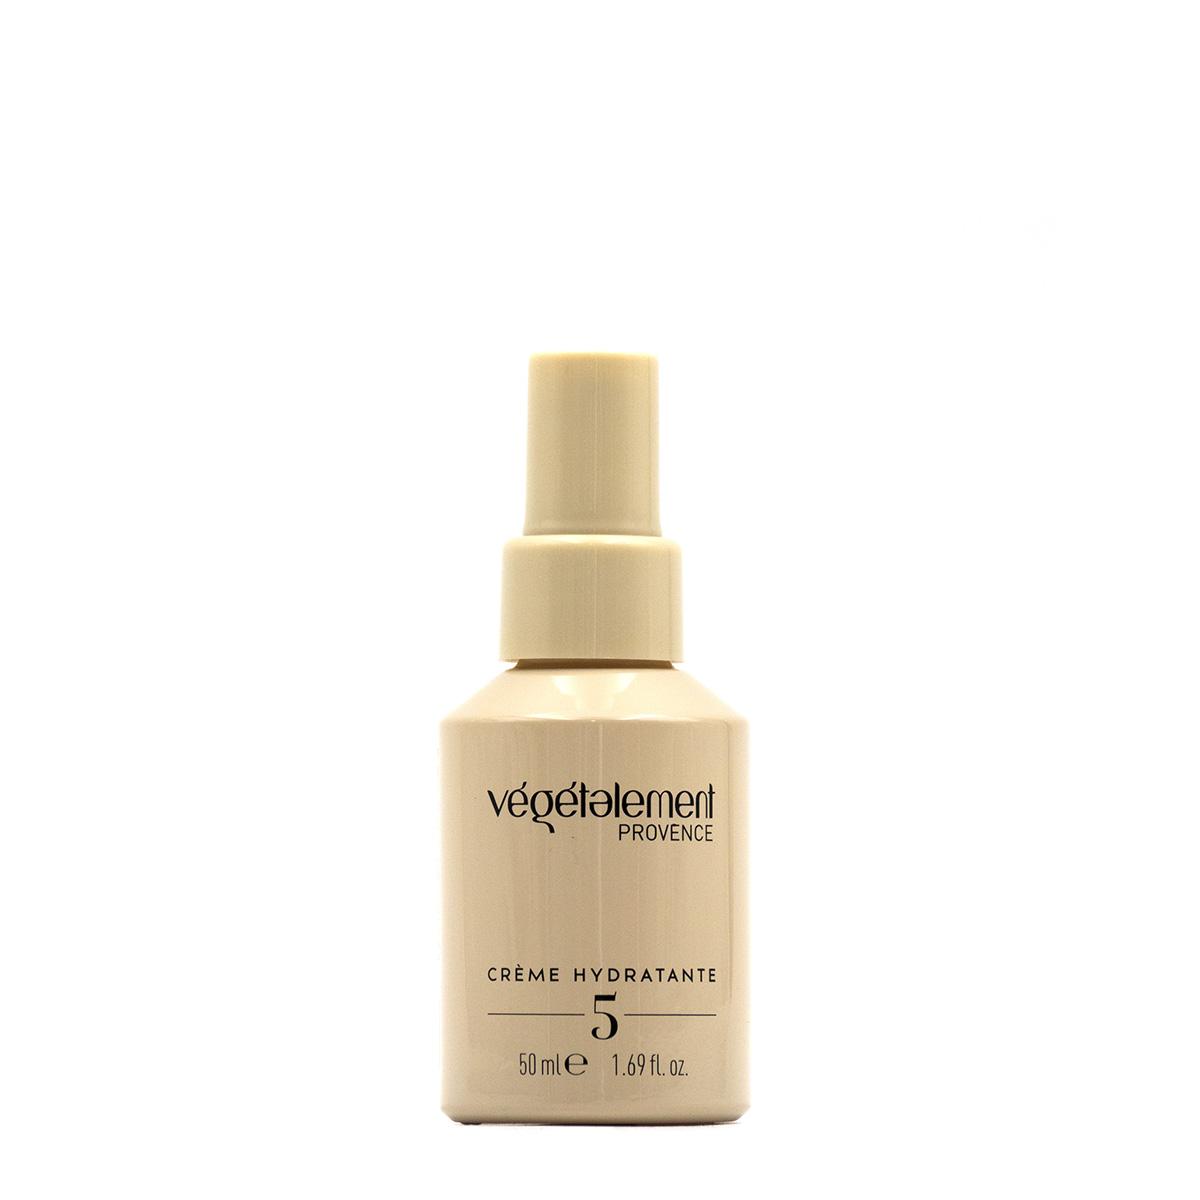 Crème hydratante Végétalement Provence cosmétique alternative visage